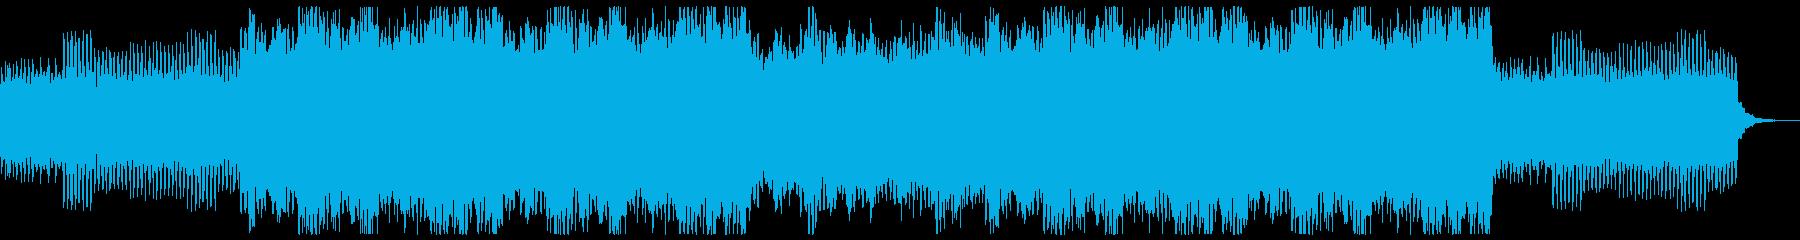 明るく希望的なオーケストラとオルゴールの再生済みの波形